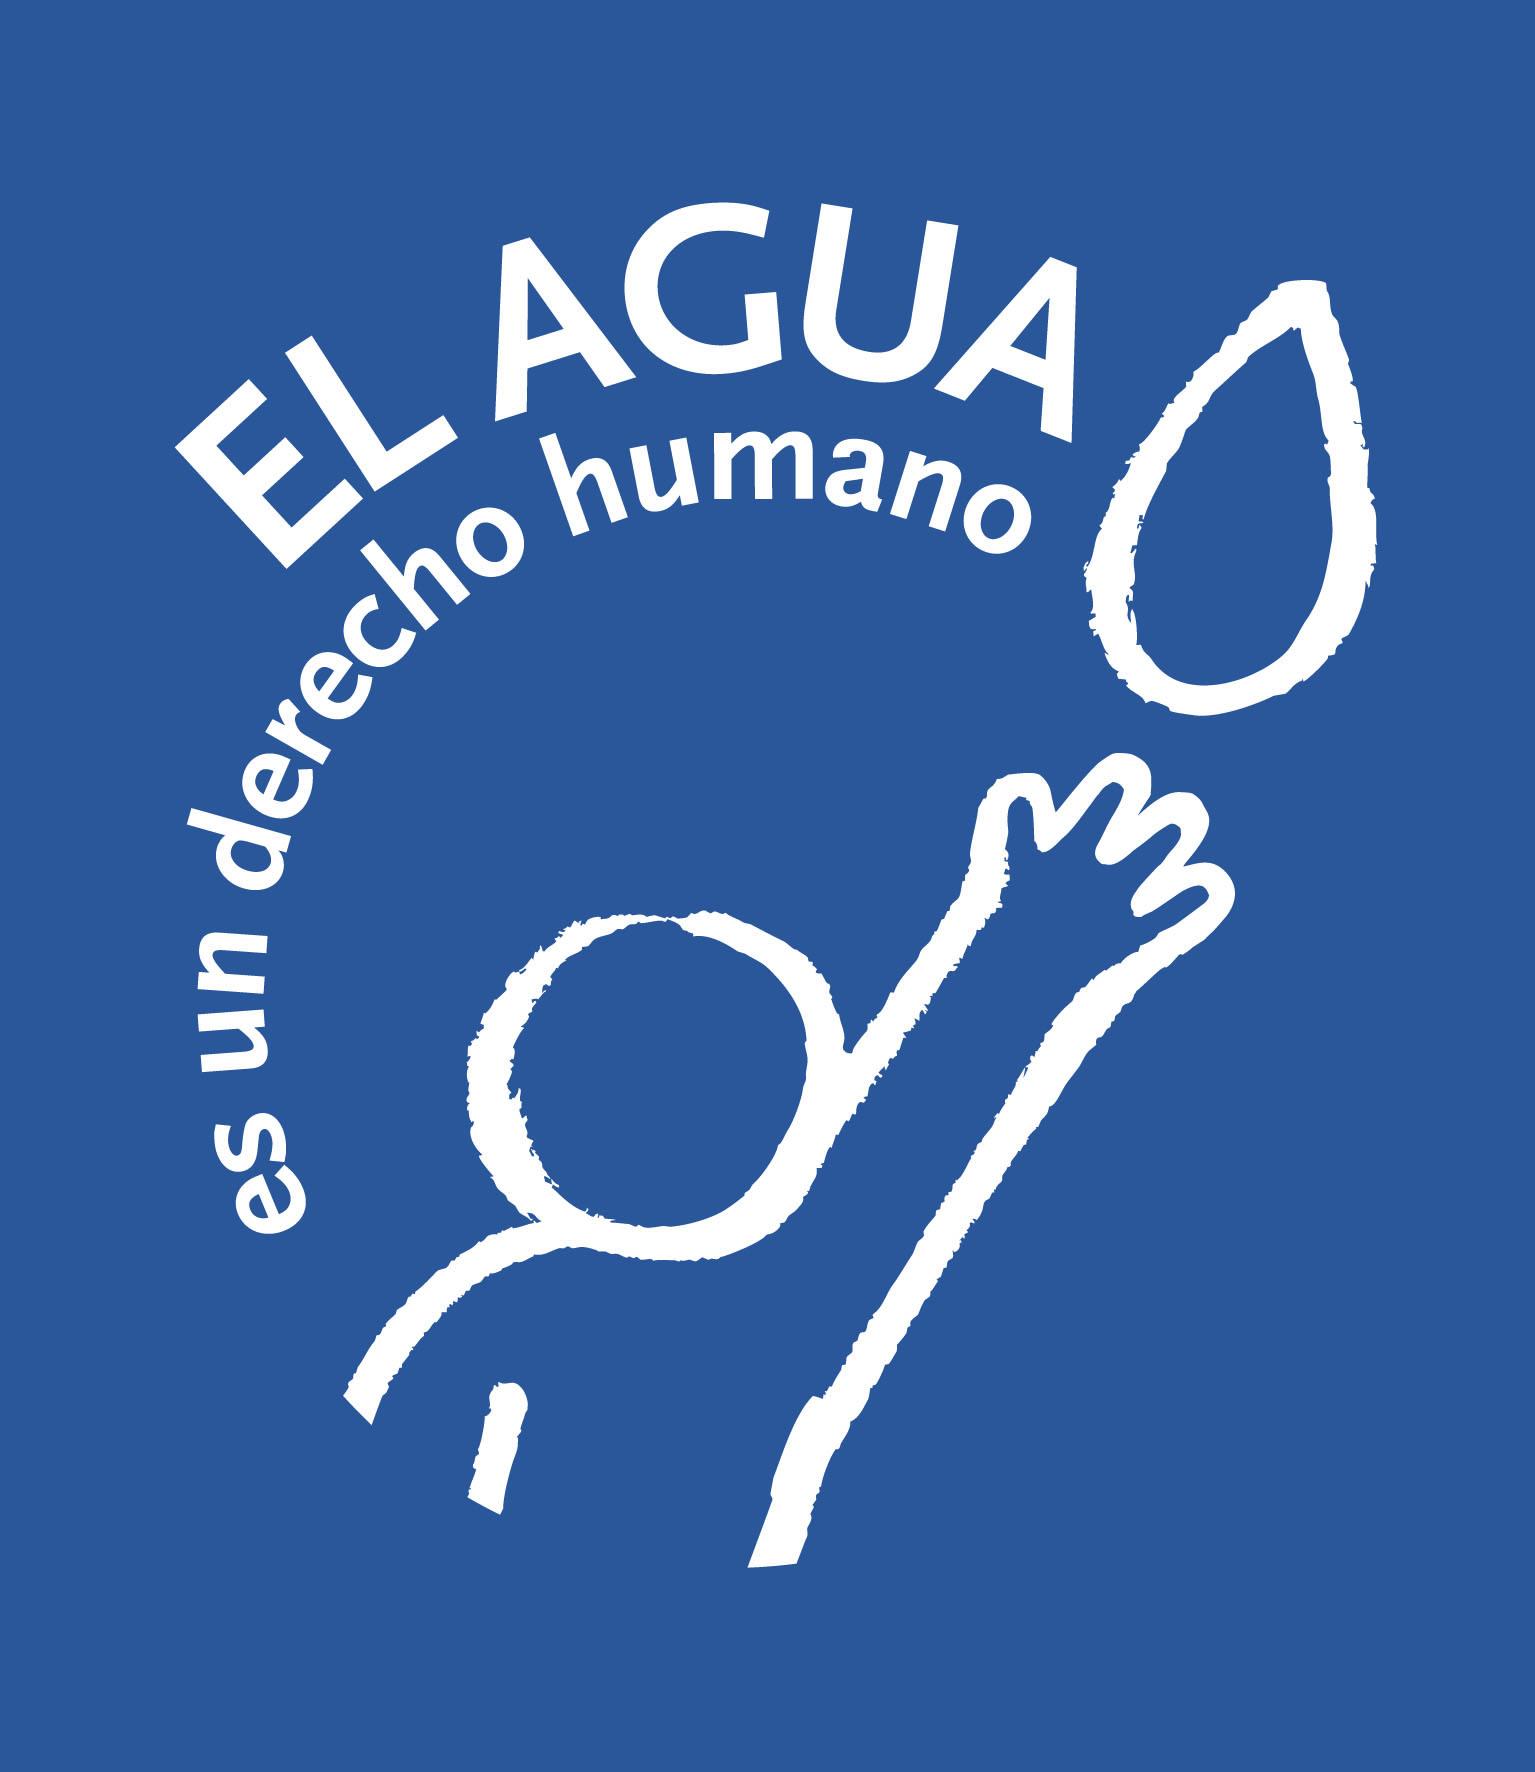 Sobre el Dret a l'aigua i el sanejament i la deontologia jurídica